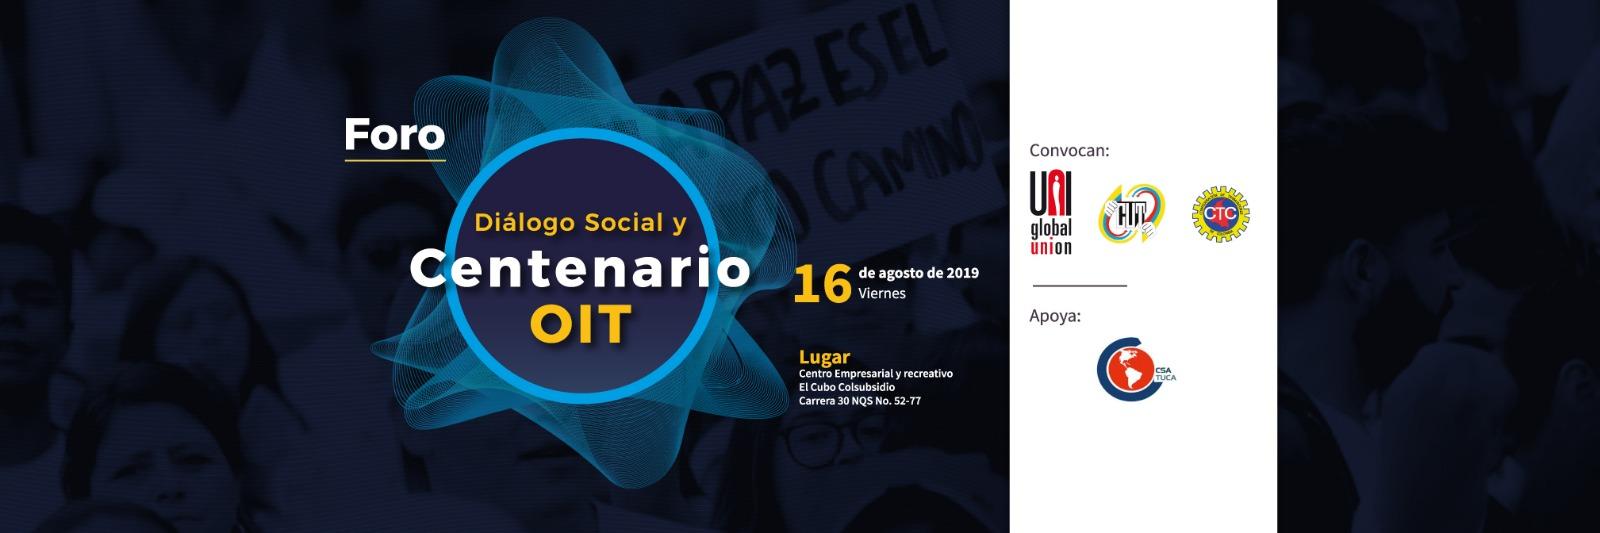 Foro de diálogo social y centenario OIT, 16 de agosto en Bogotá